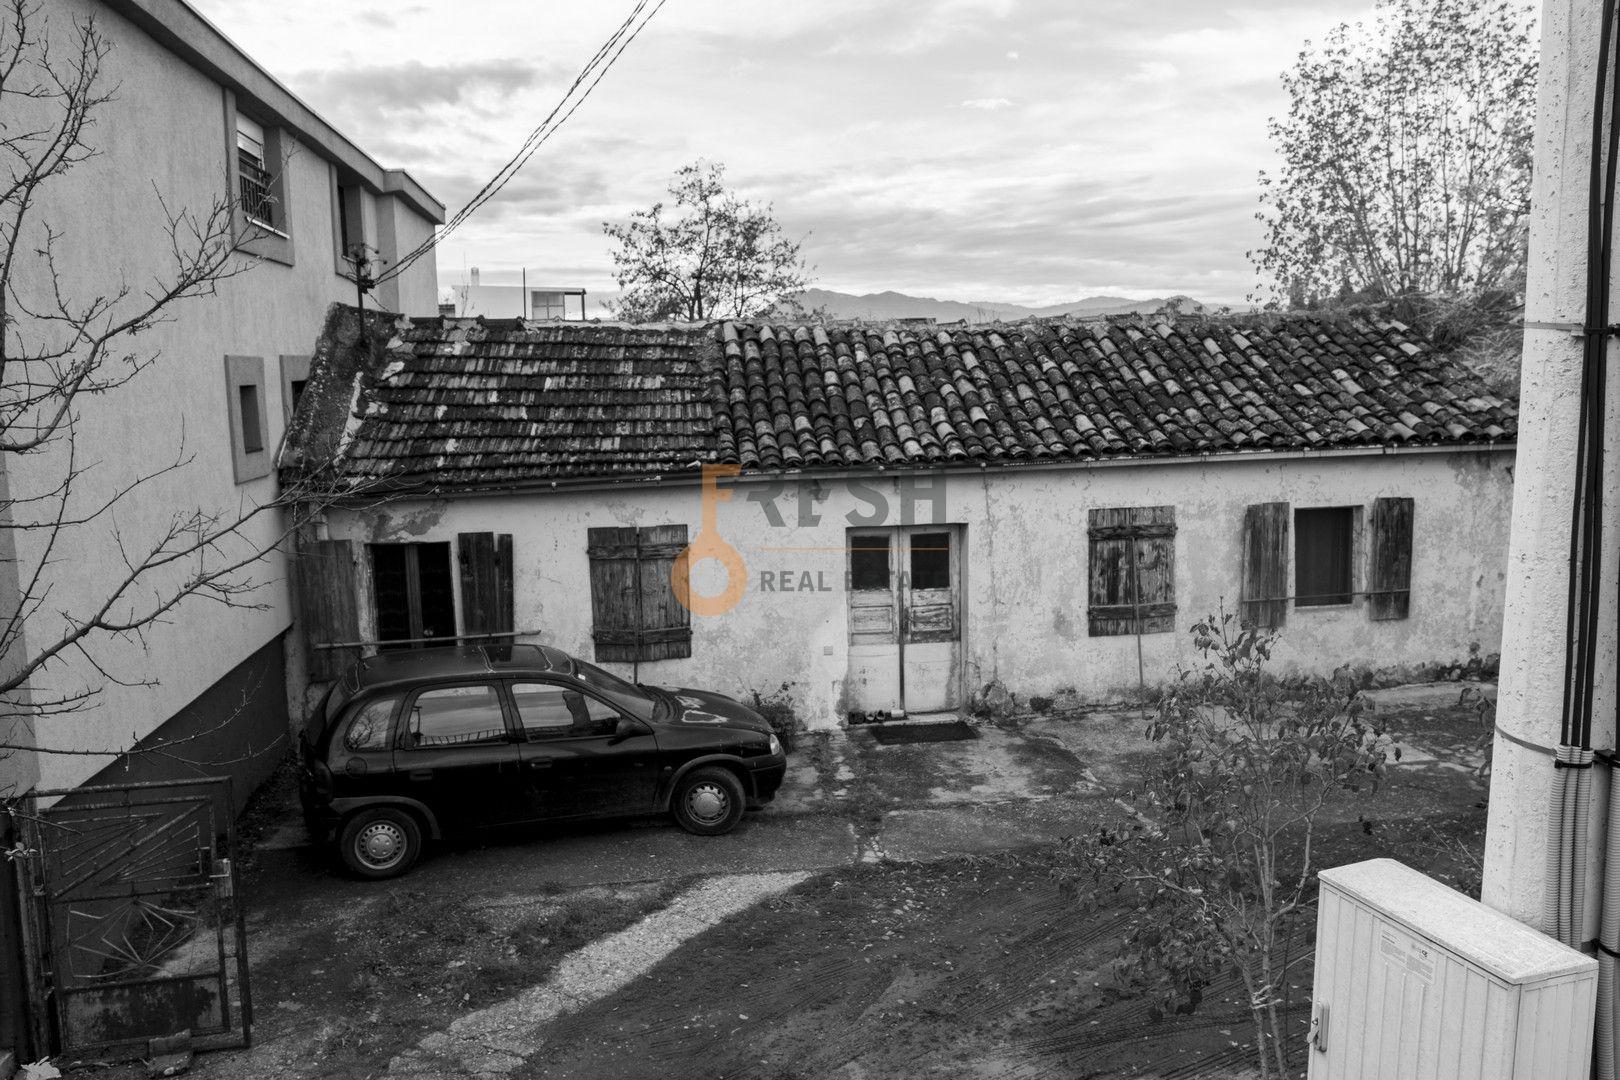 Kuća, 86 m2 na placu od 815 m2, Obala Morače, Prodaja - 6